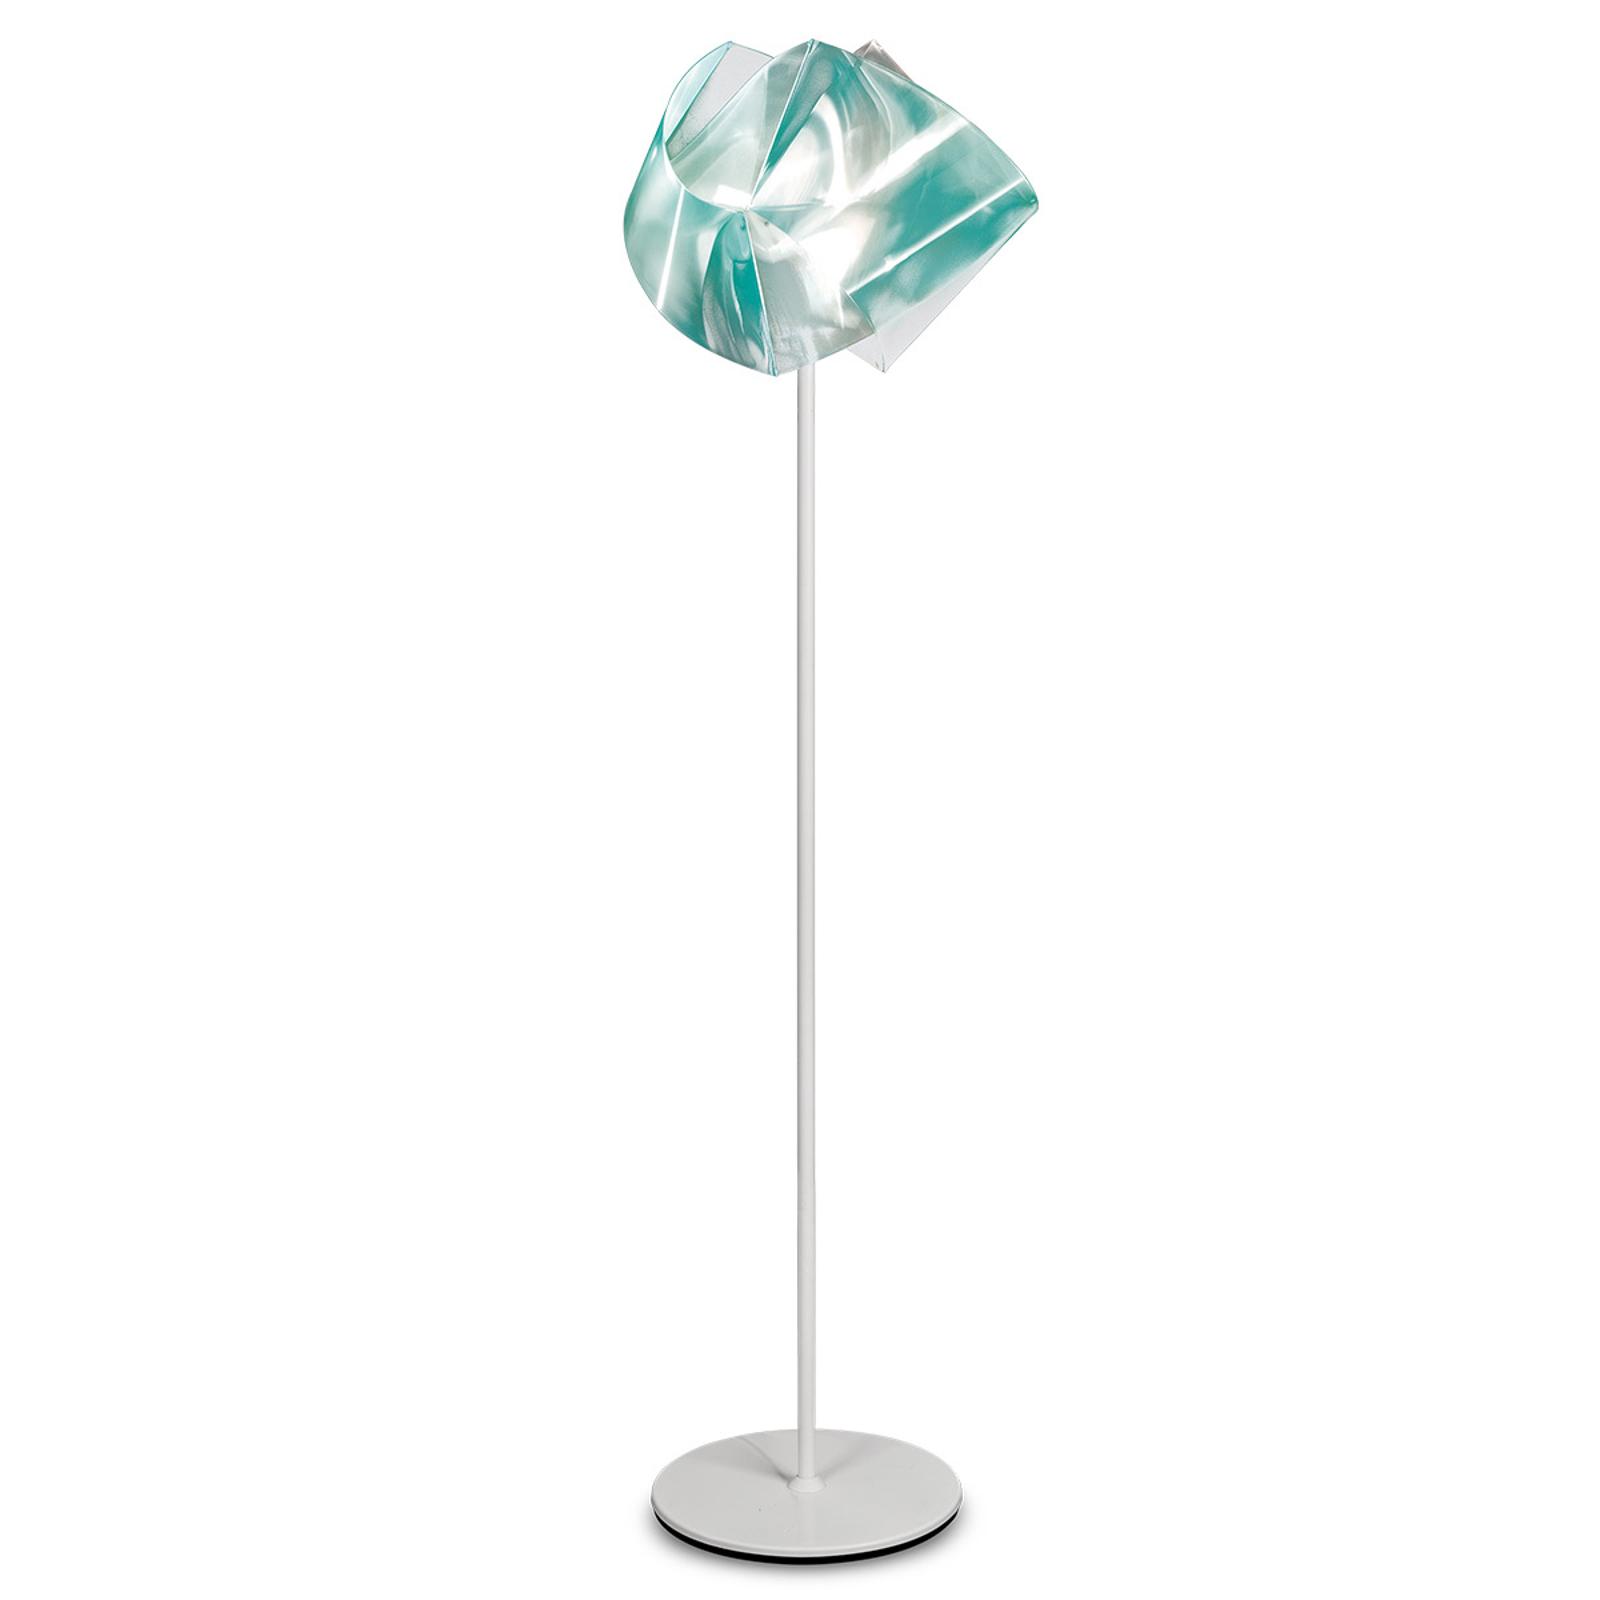 Szmaragdowa lampa stojąca GEMMY PRISMA